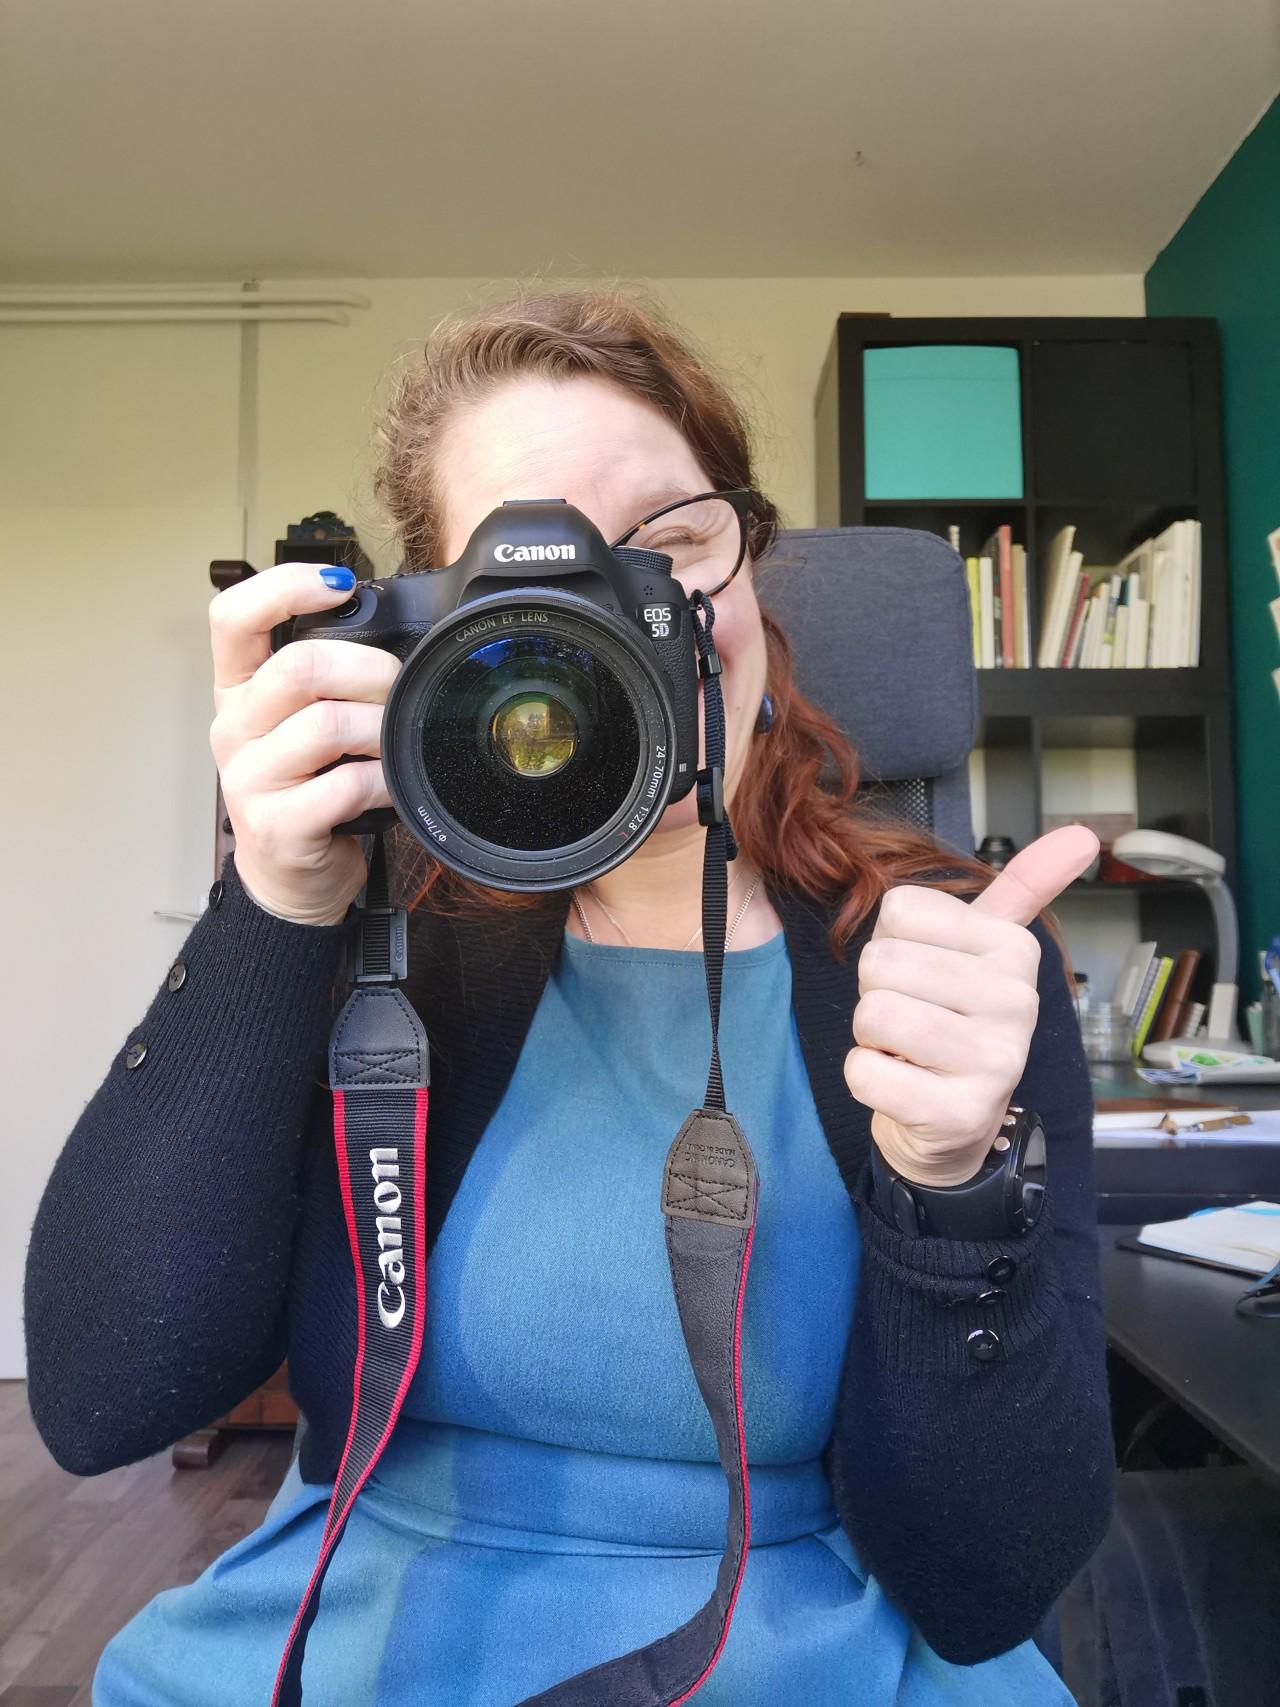 Stephanie fotograaf